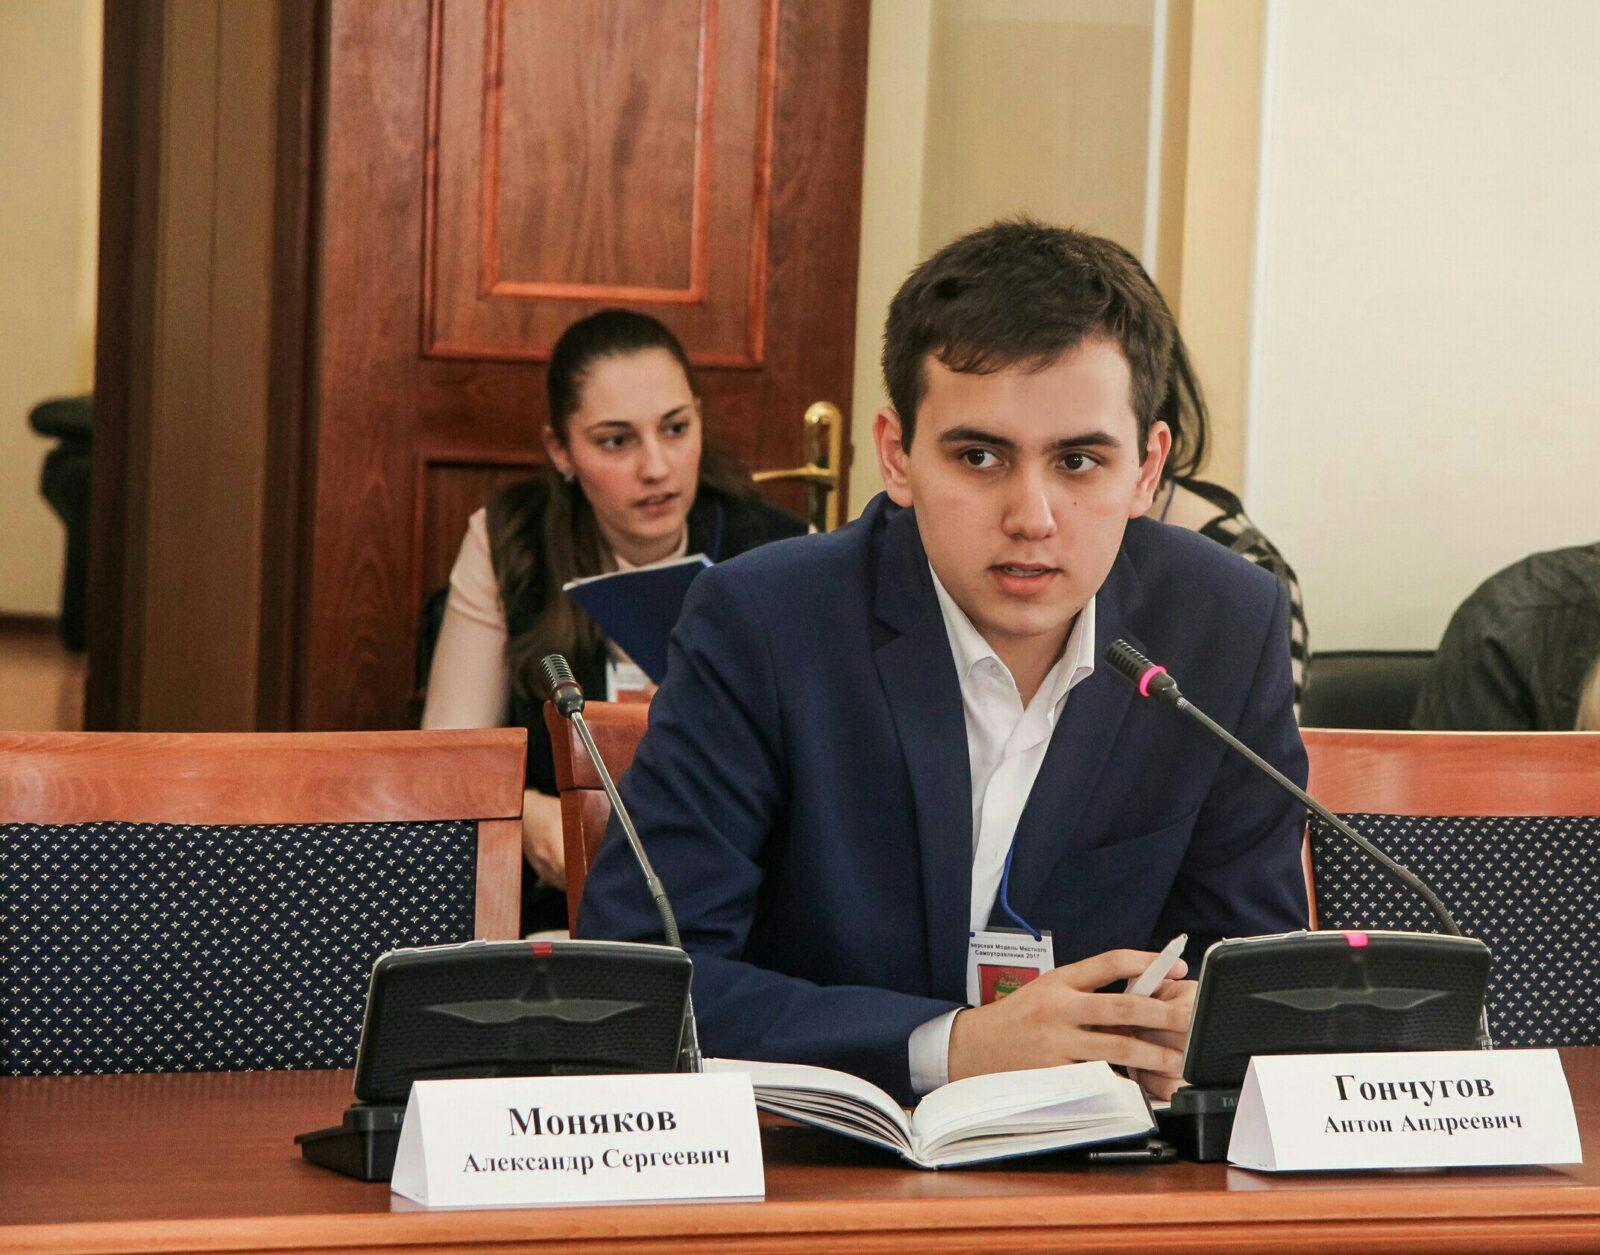 Антон Гончугов: У меня получился Топ-3 уходящего года